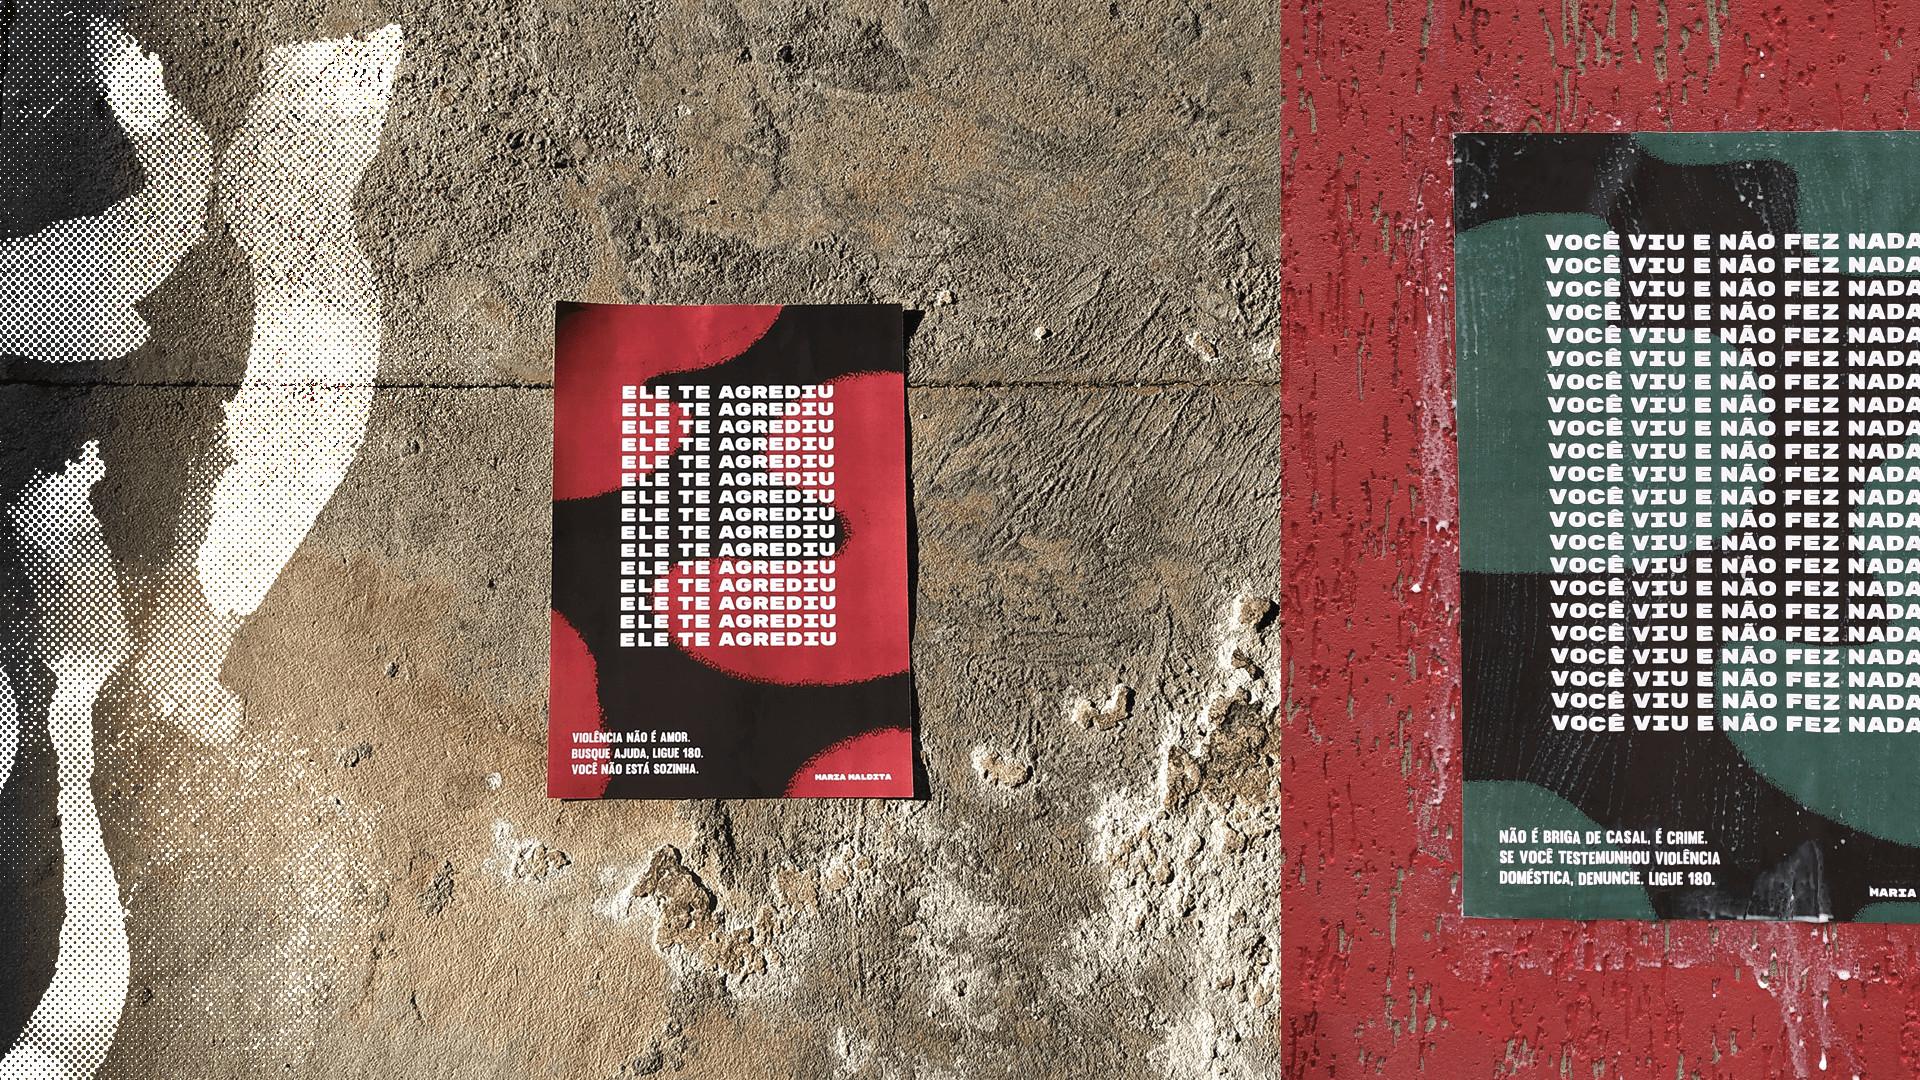 MariaMaldita 03 Imagem Acervo pessoal - Os inconformados encontram no design ativista a sua linguagem